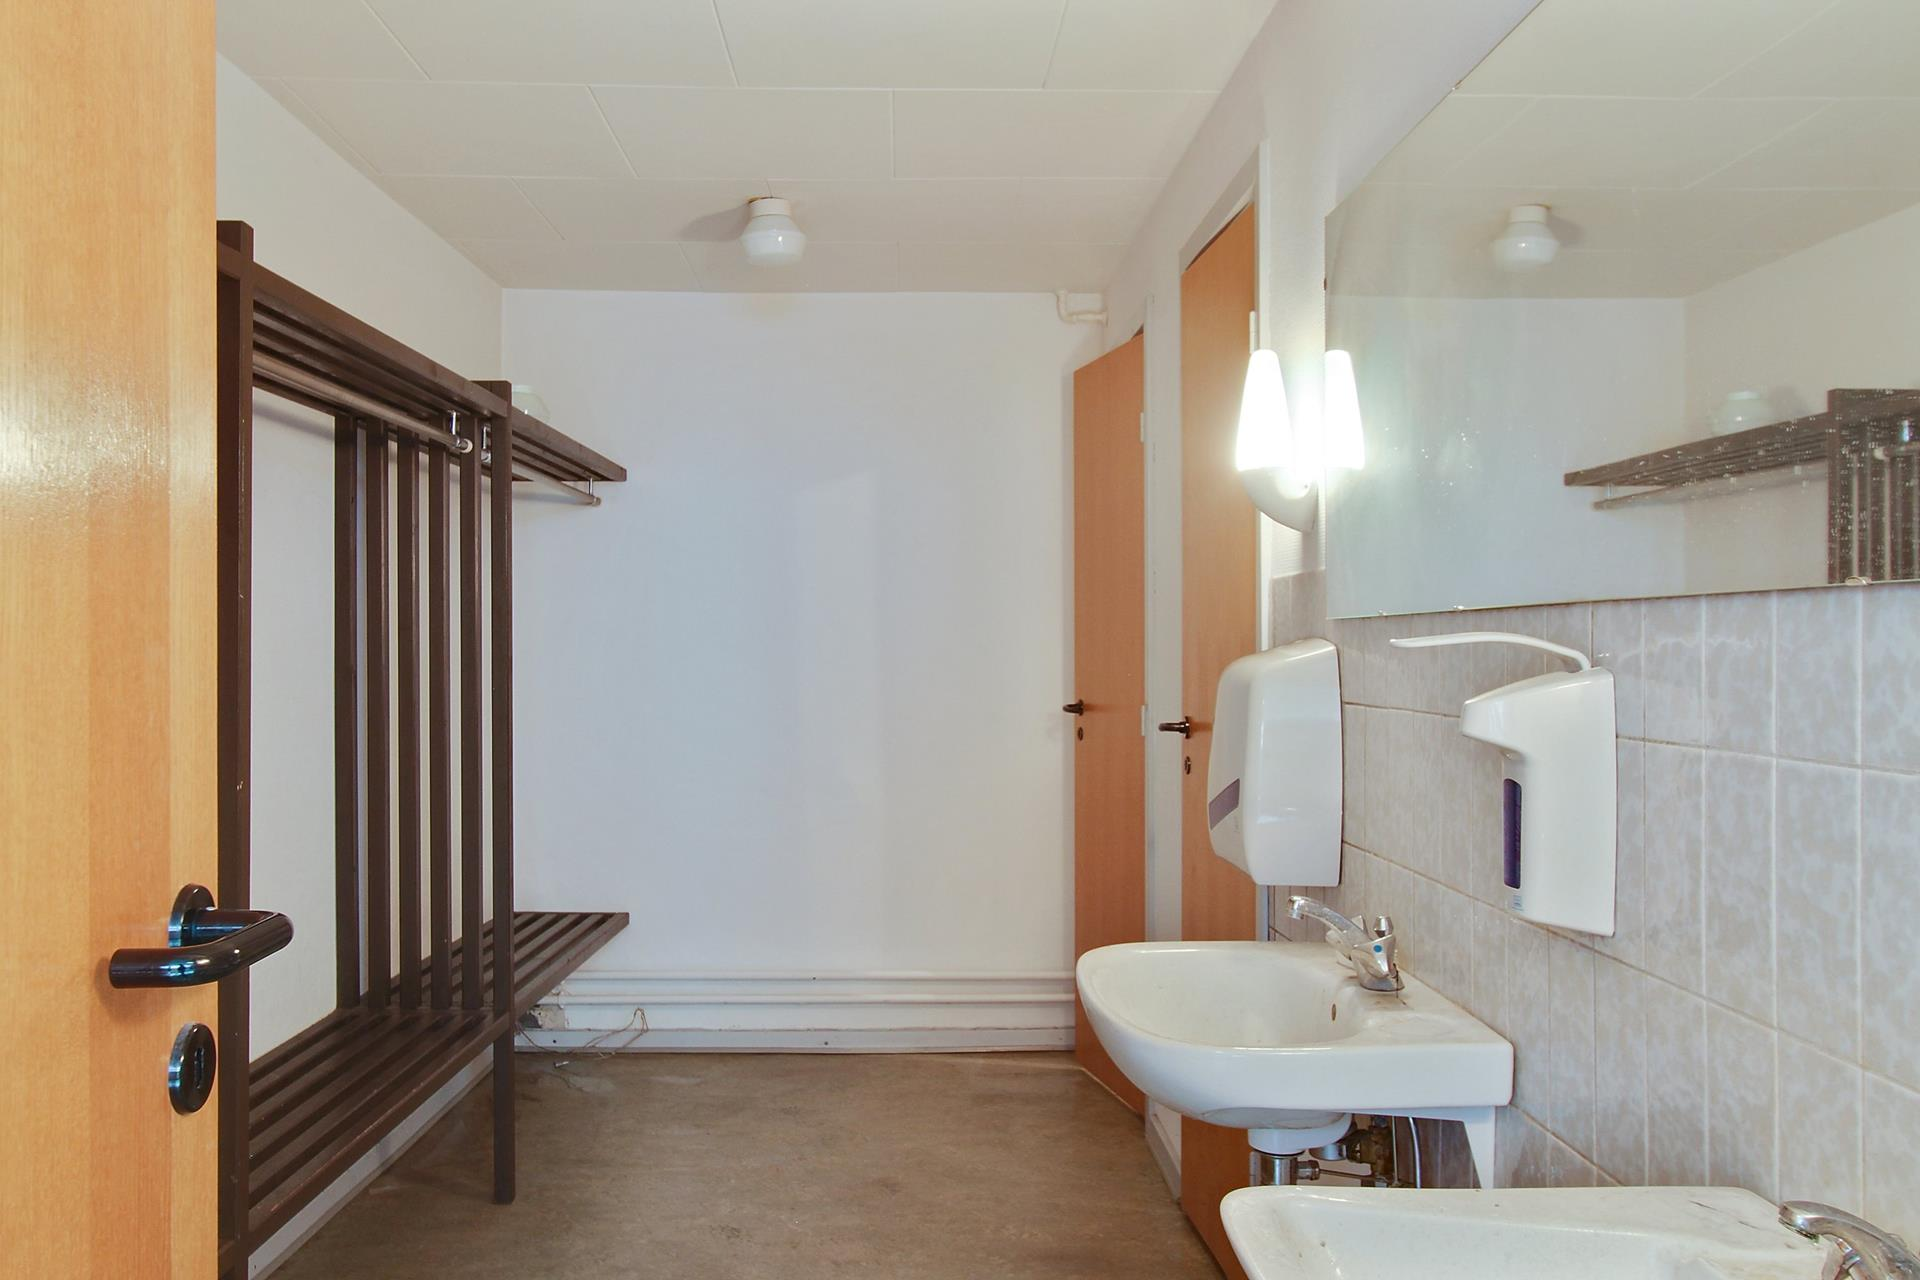 Bolig/erhverv på Rådhustorvet i Randers C - Toilet